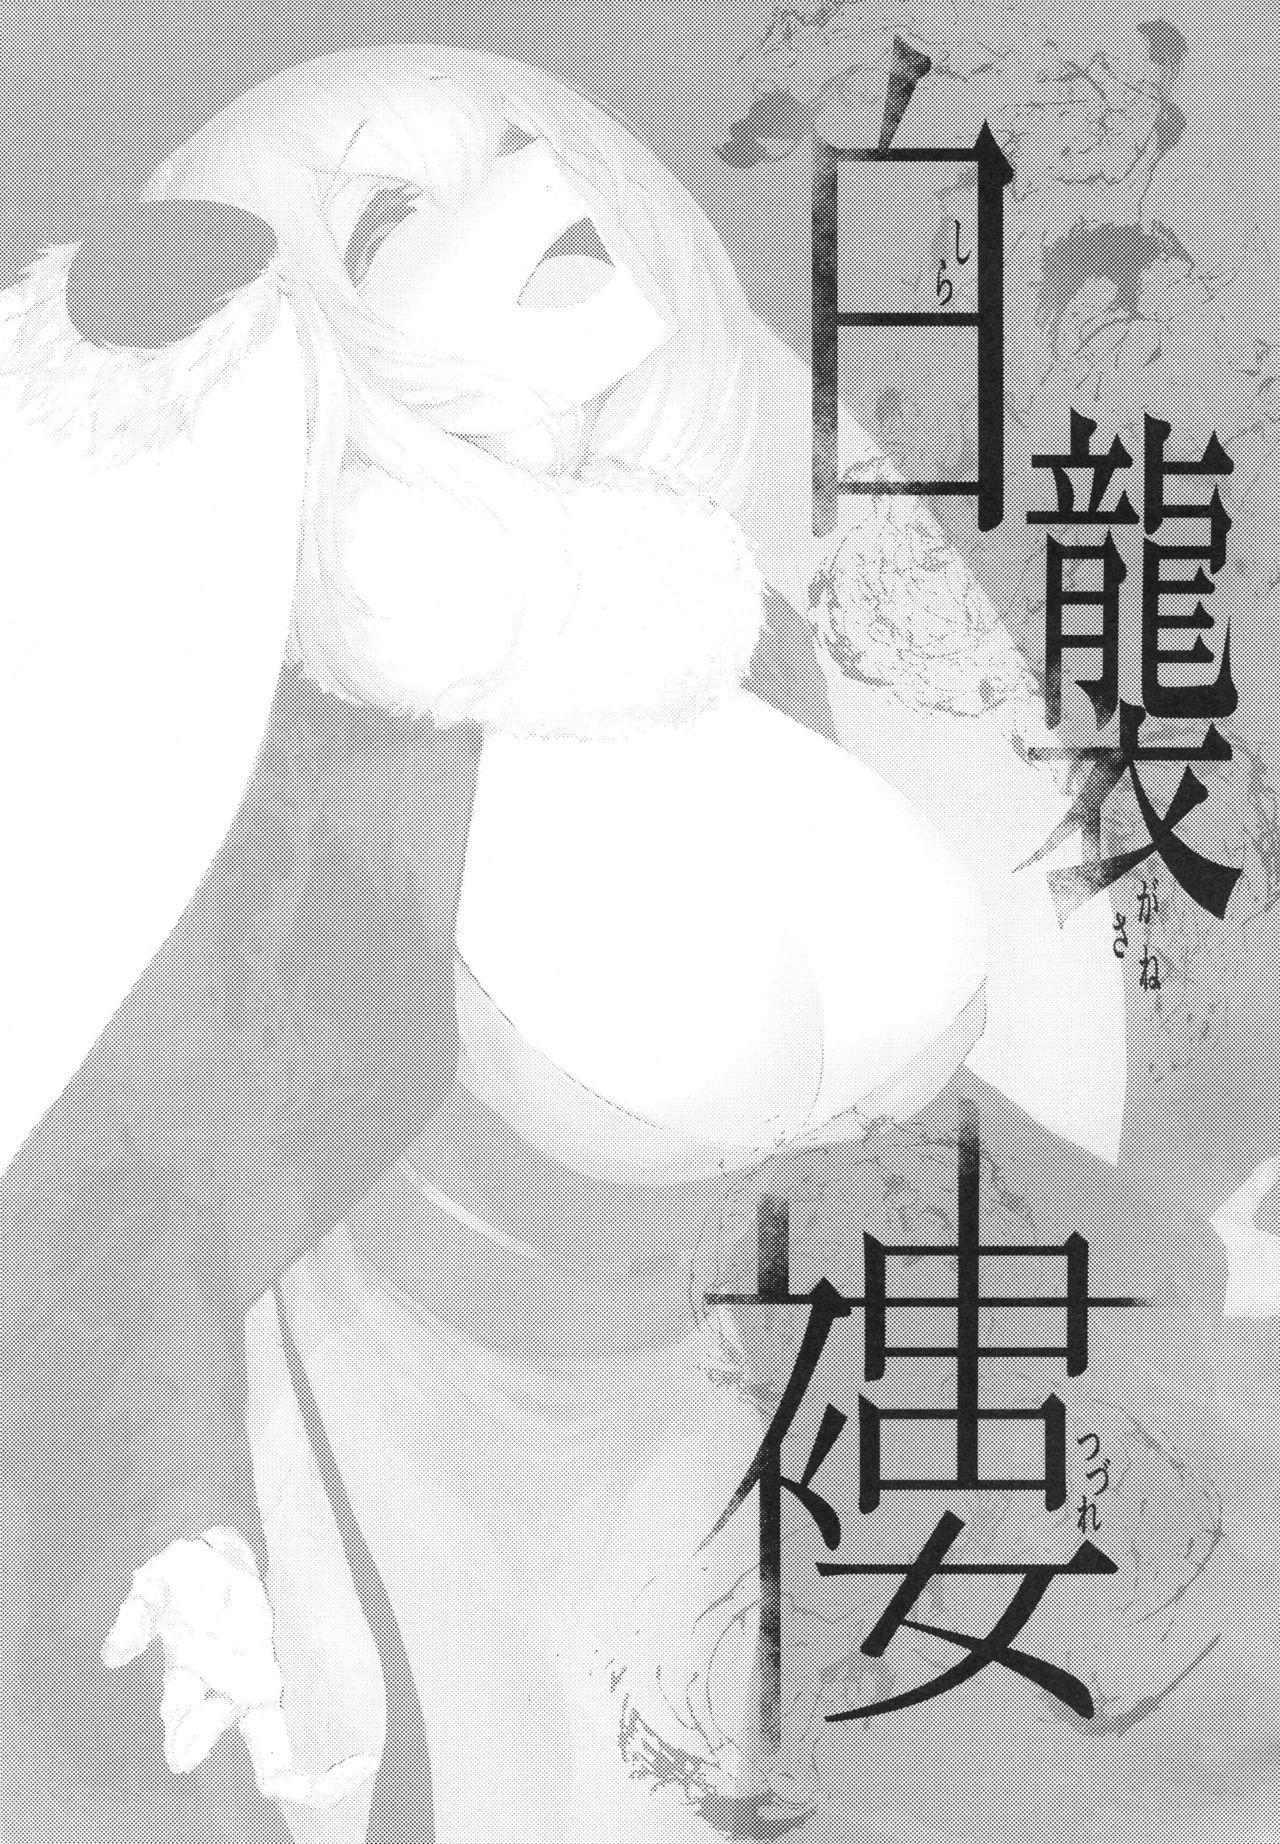 Shiragasane 1